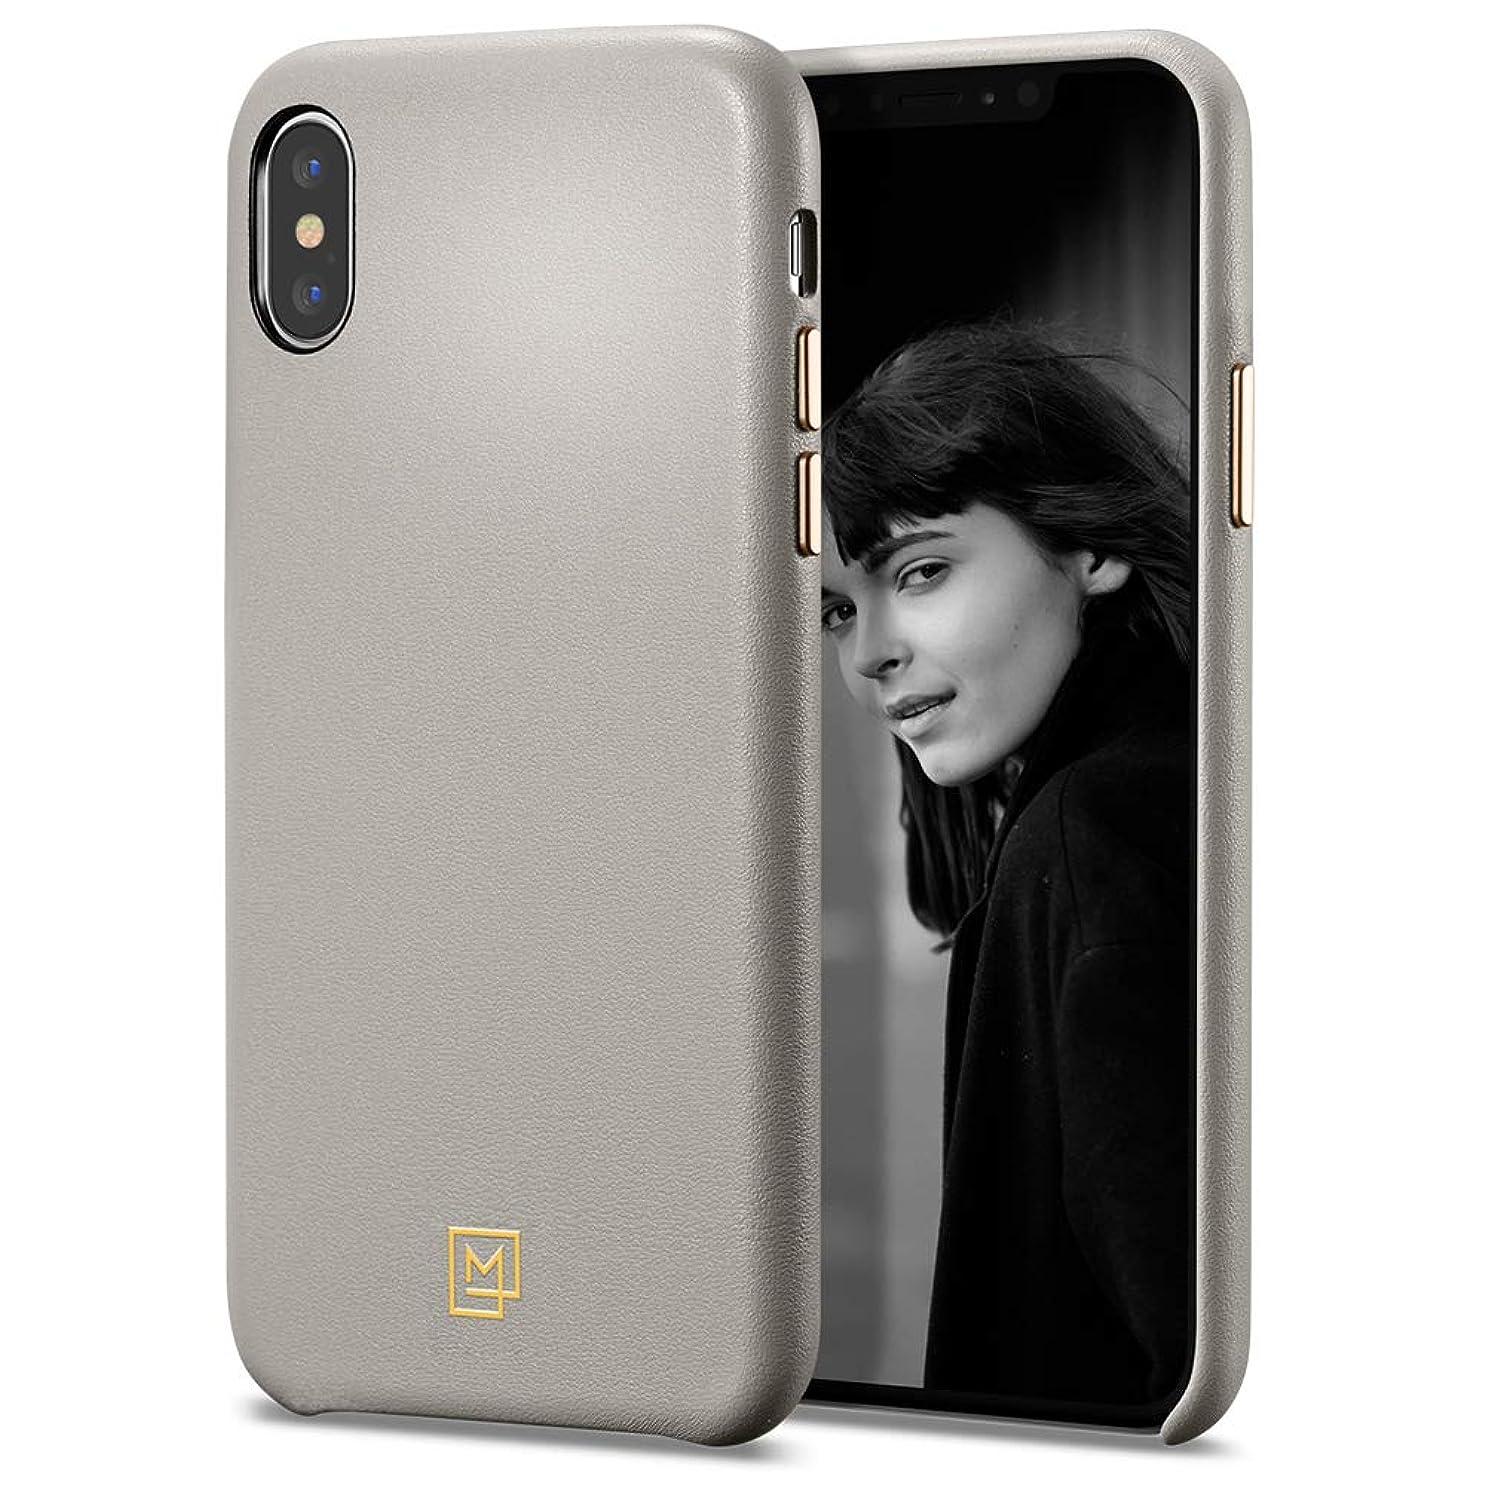 【Spigen x LA MANON】 iPhone XS ケース/iPhone X ケース 5.8インチ 対応 レザー シンプル デザイン 軽量 薄型 光沢 艶 指紋防止 傷防止 保護 ワイヤレス充電 カラン 063CS25322 (オートミール?ベージュ)